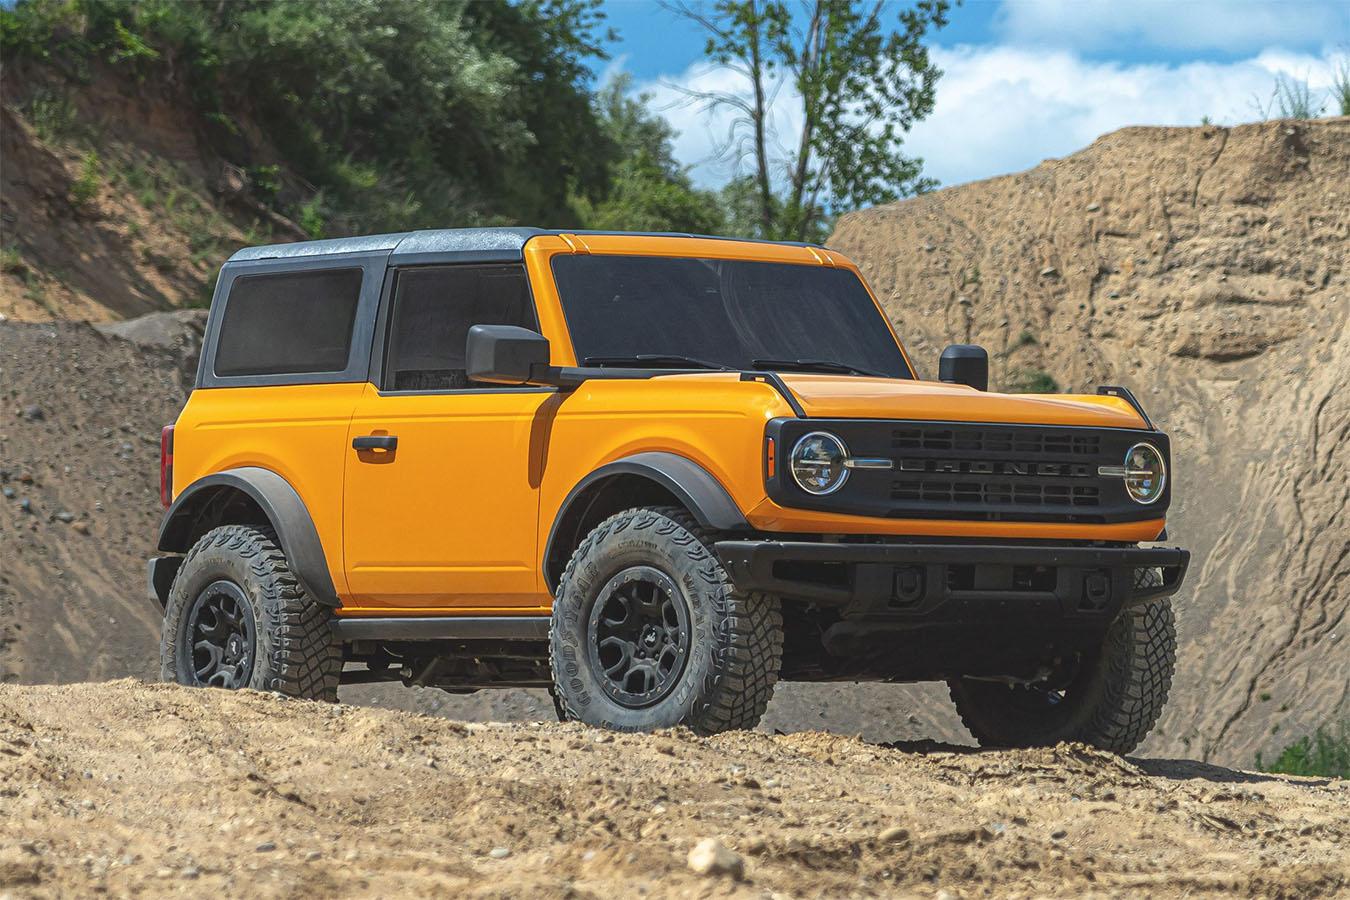 ford bronco first edition amarelo de frente